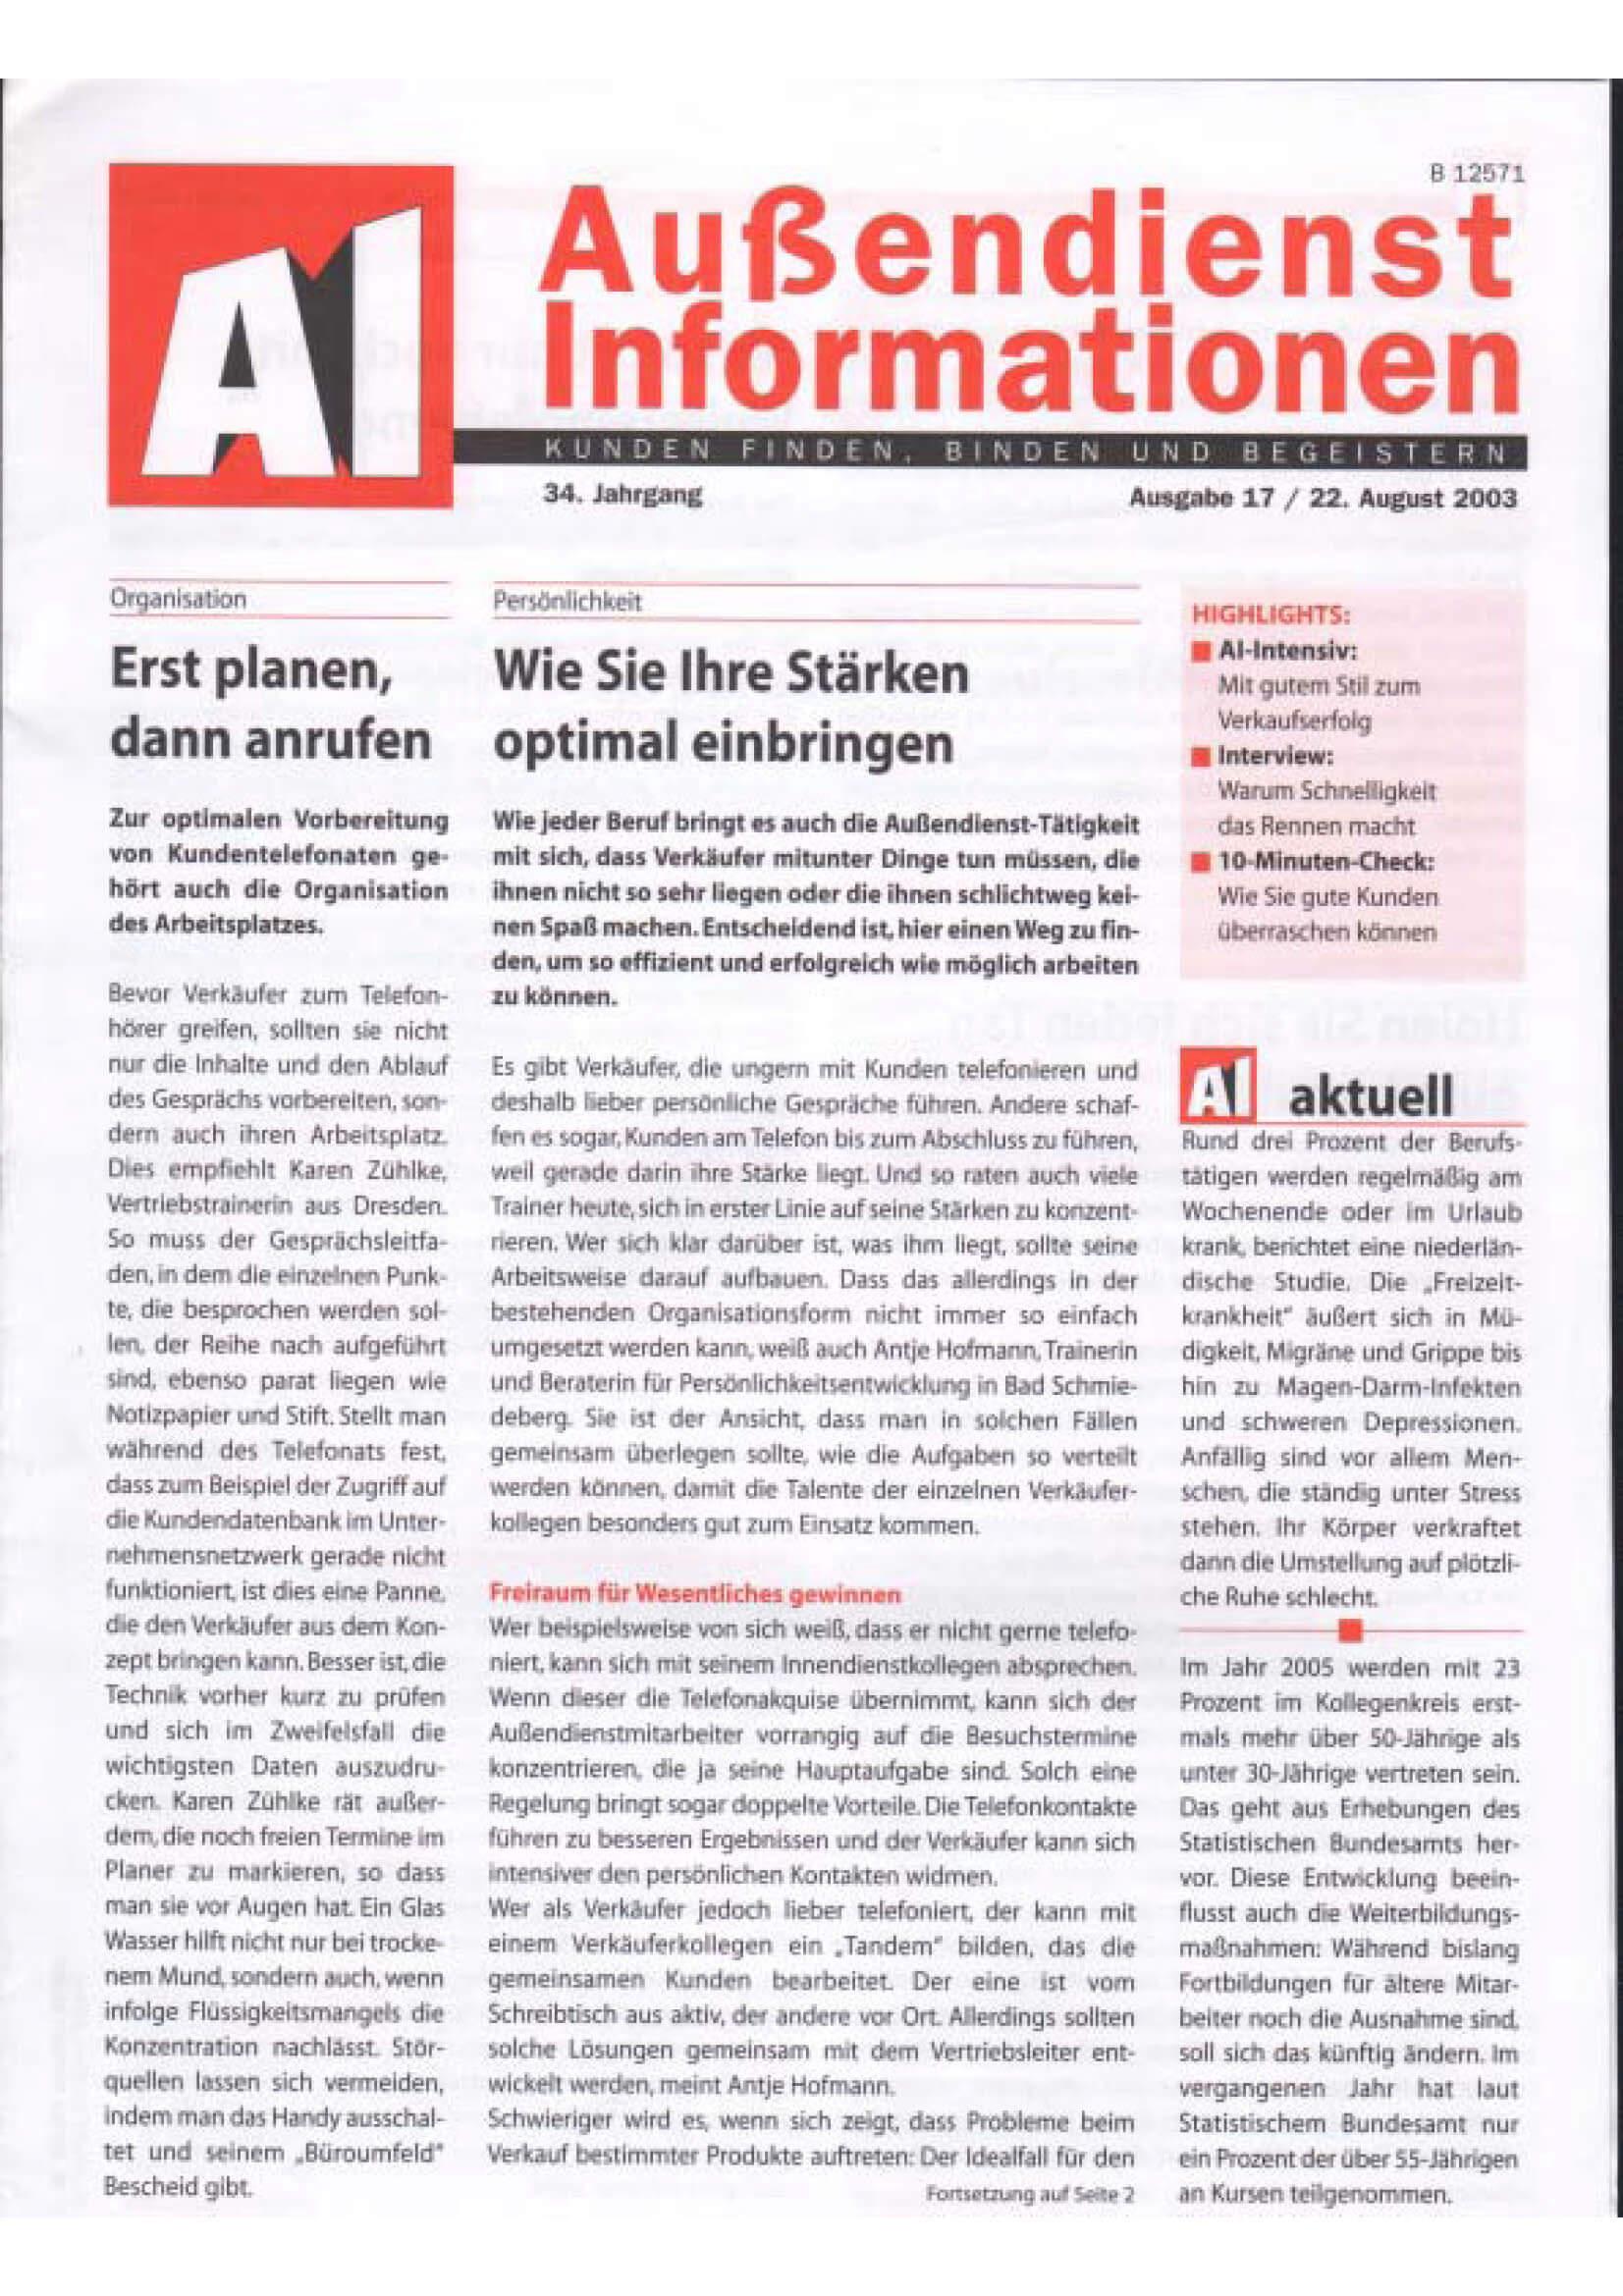 Aussendienst Informationen